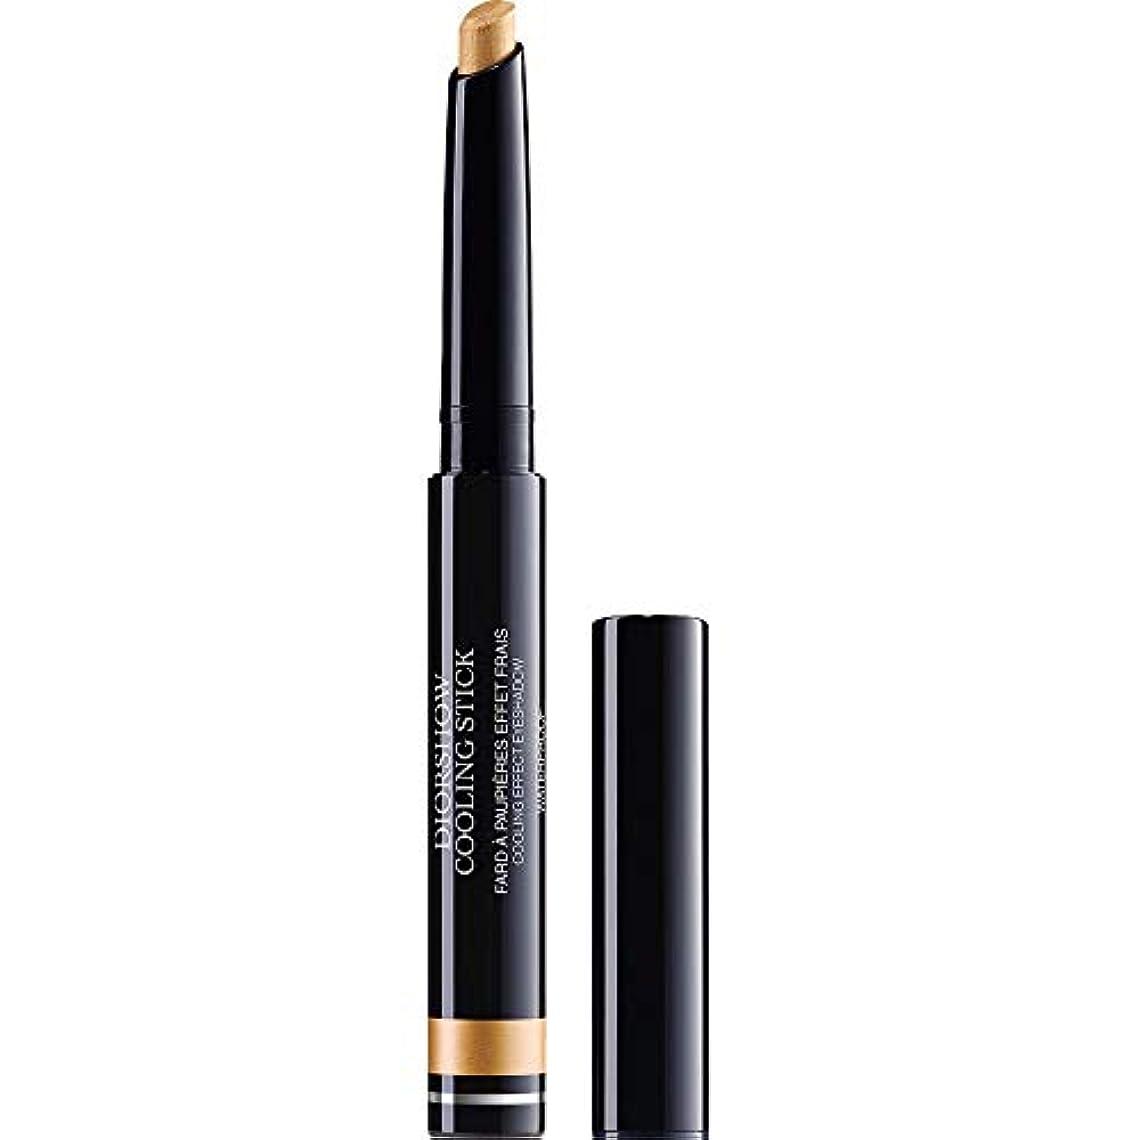 フリルタイルアダルト[Dior ] ディオールDiorshow冷却スティックアイシャドウ1.6グラム002 - 金スプラッシュ - DIOR Diorshow Cooling Stick Eyeshadow 1.6g 002 - Gold Splash [並行輸入品]